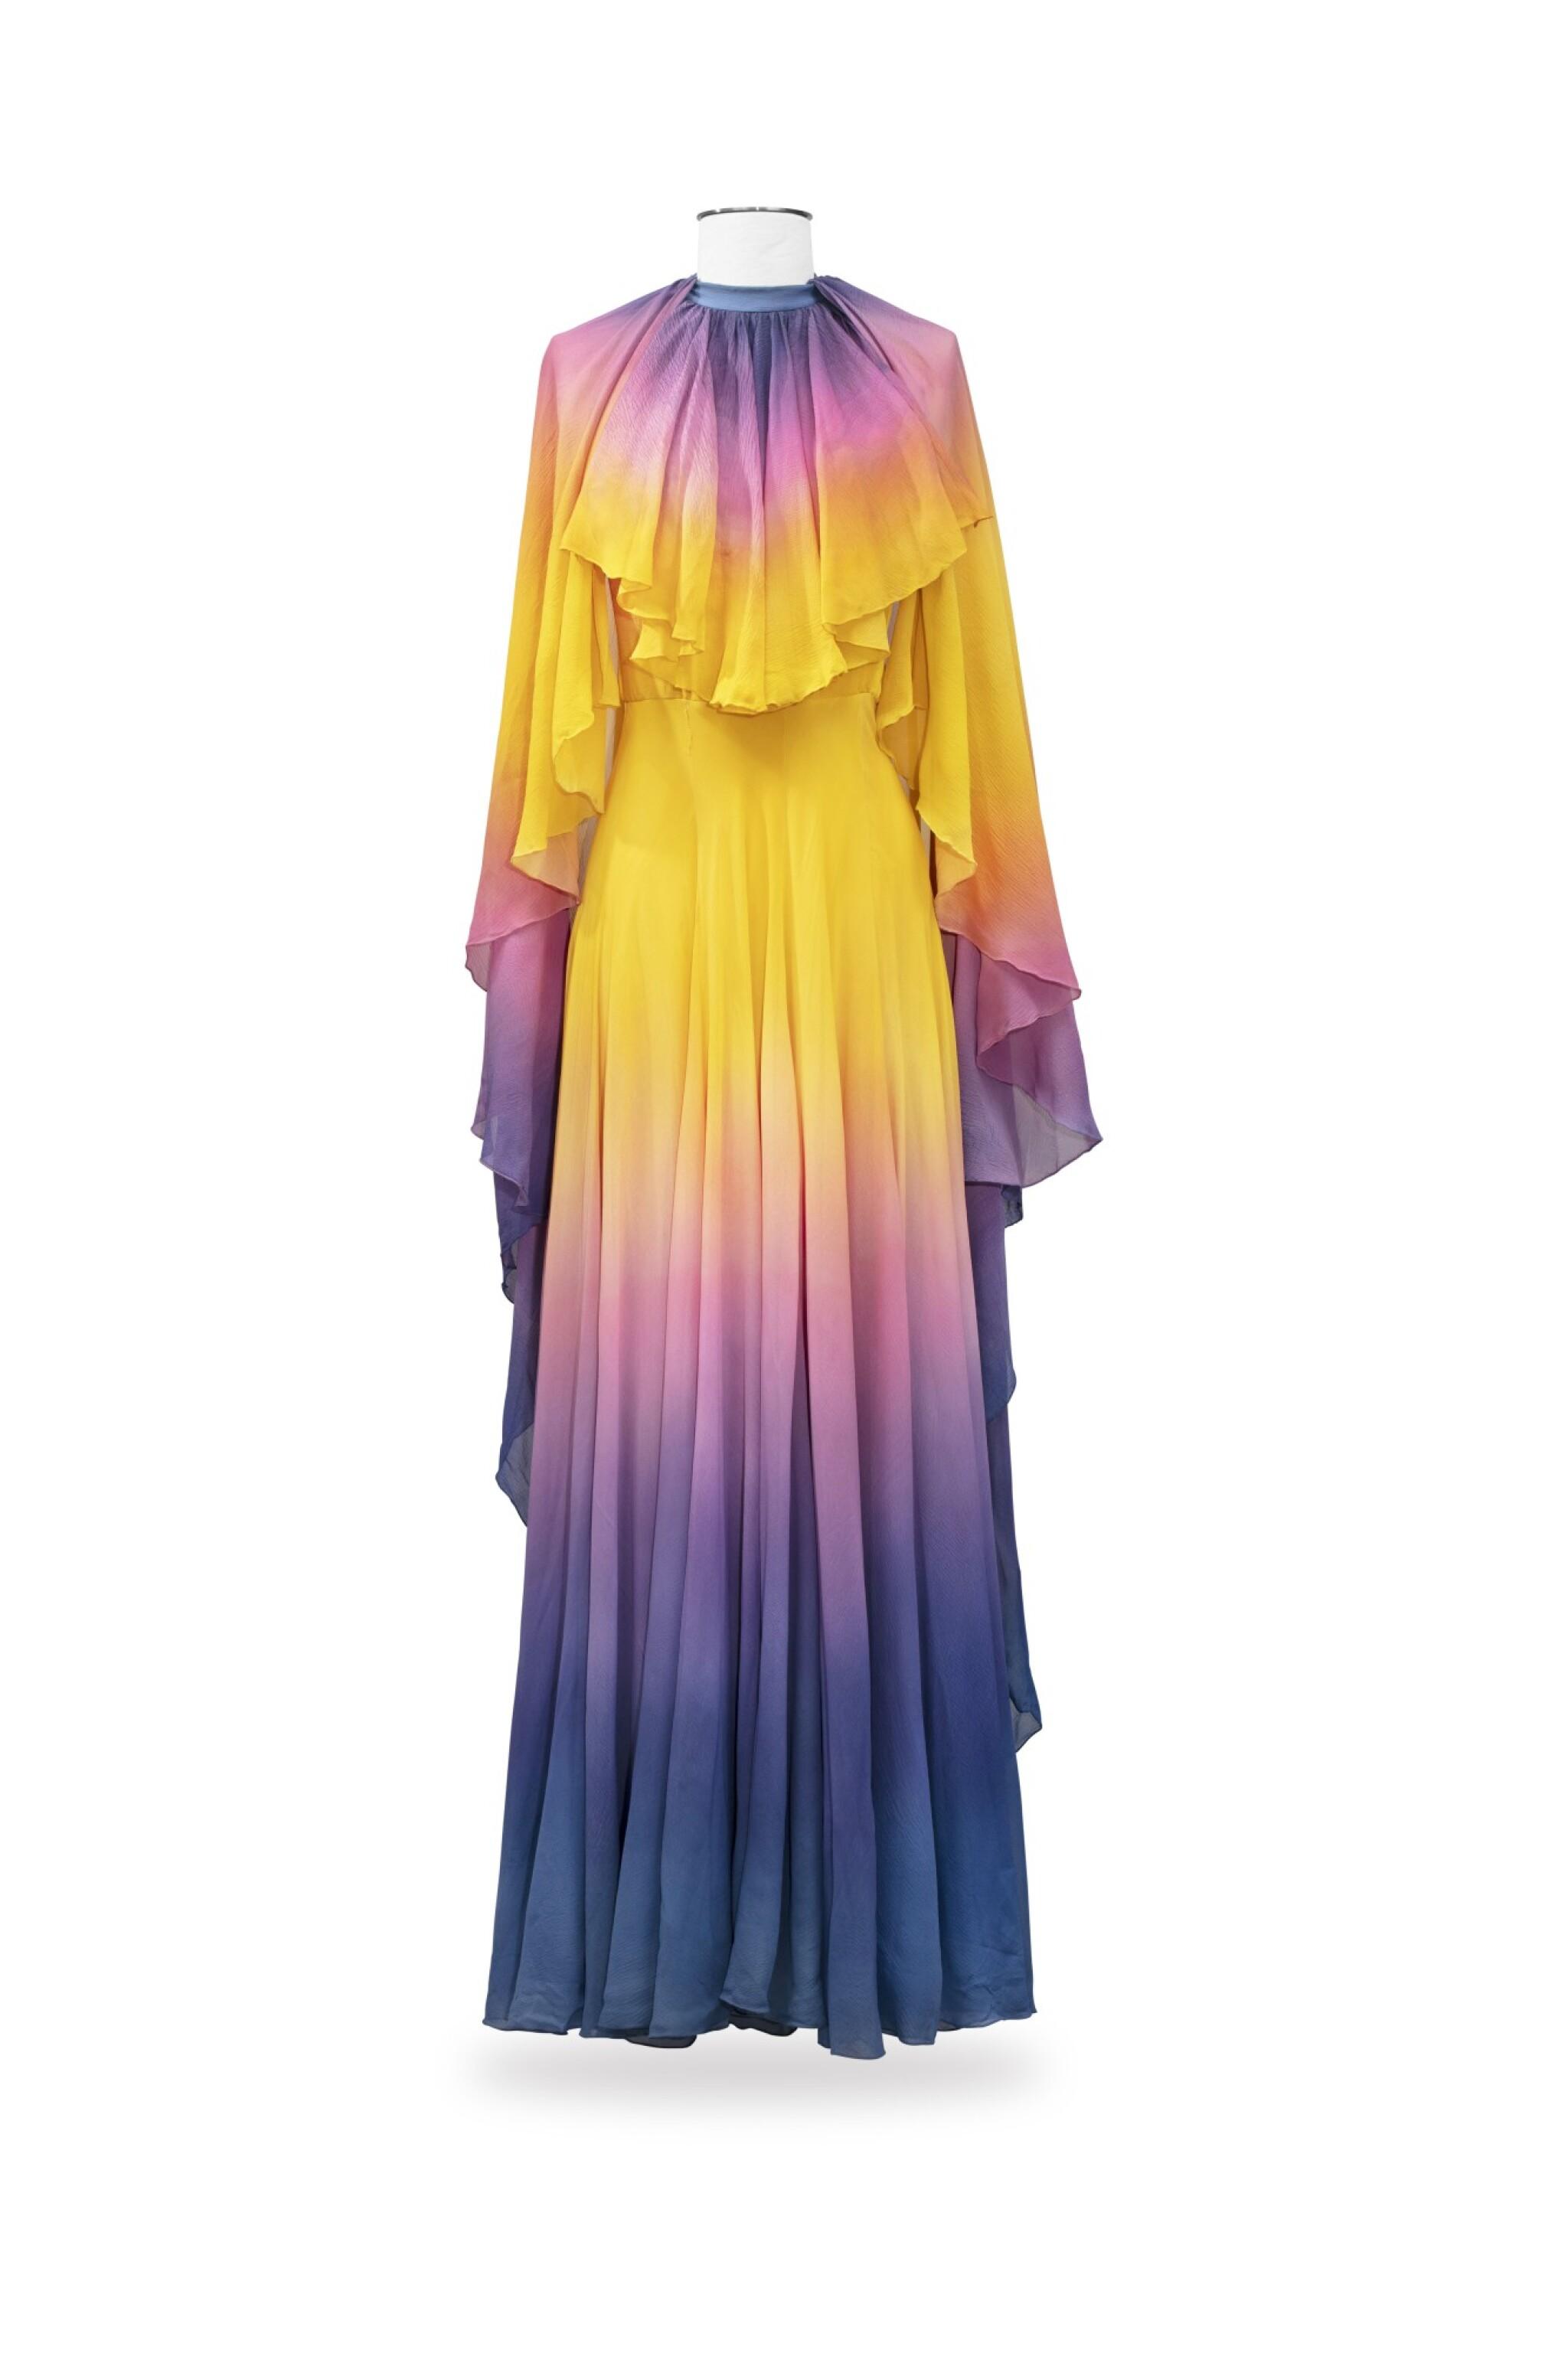 View 1 of Lot 10. Balestra, 1972, Sunbathing dress with pleated collar and matching cape | Robe longue bain de soleil à collerette plissée en mousseline avec cape assortie.